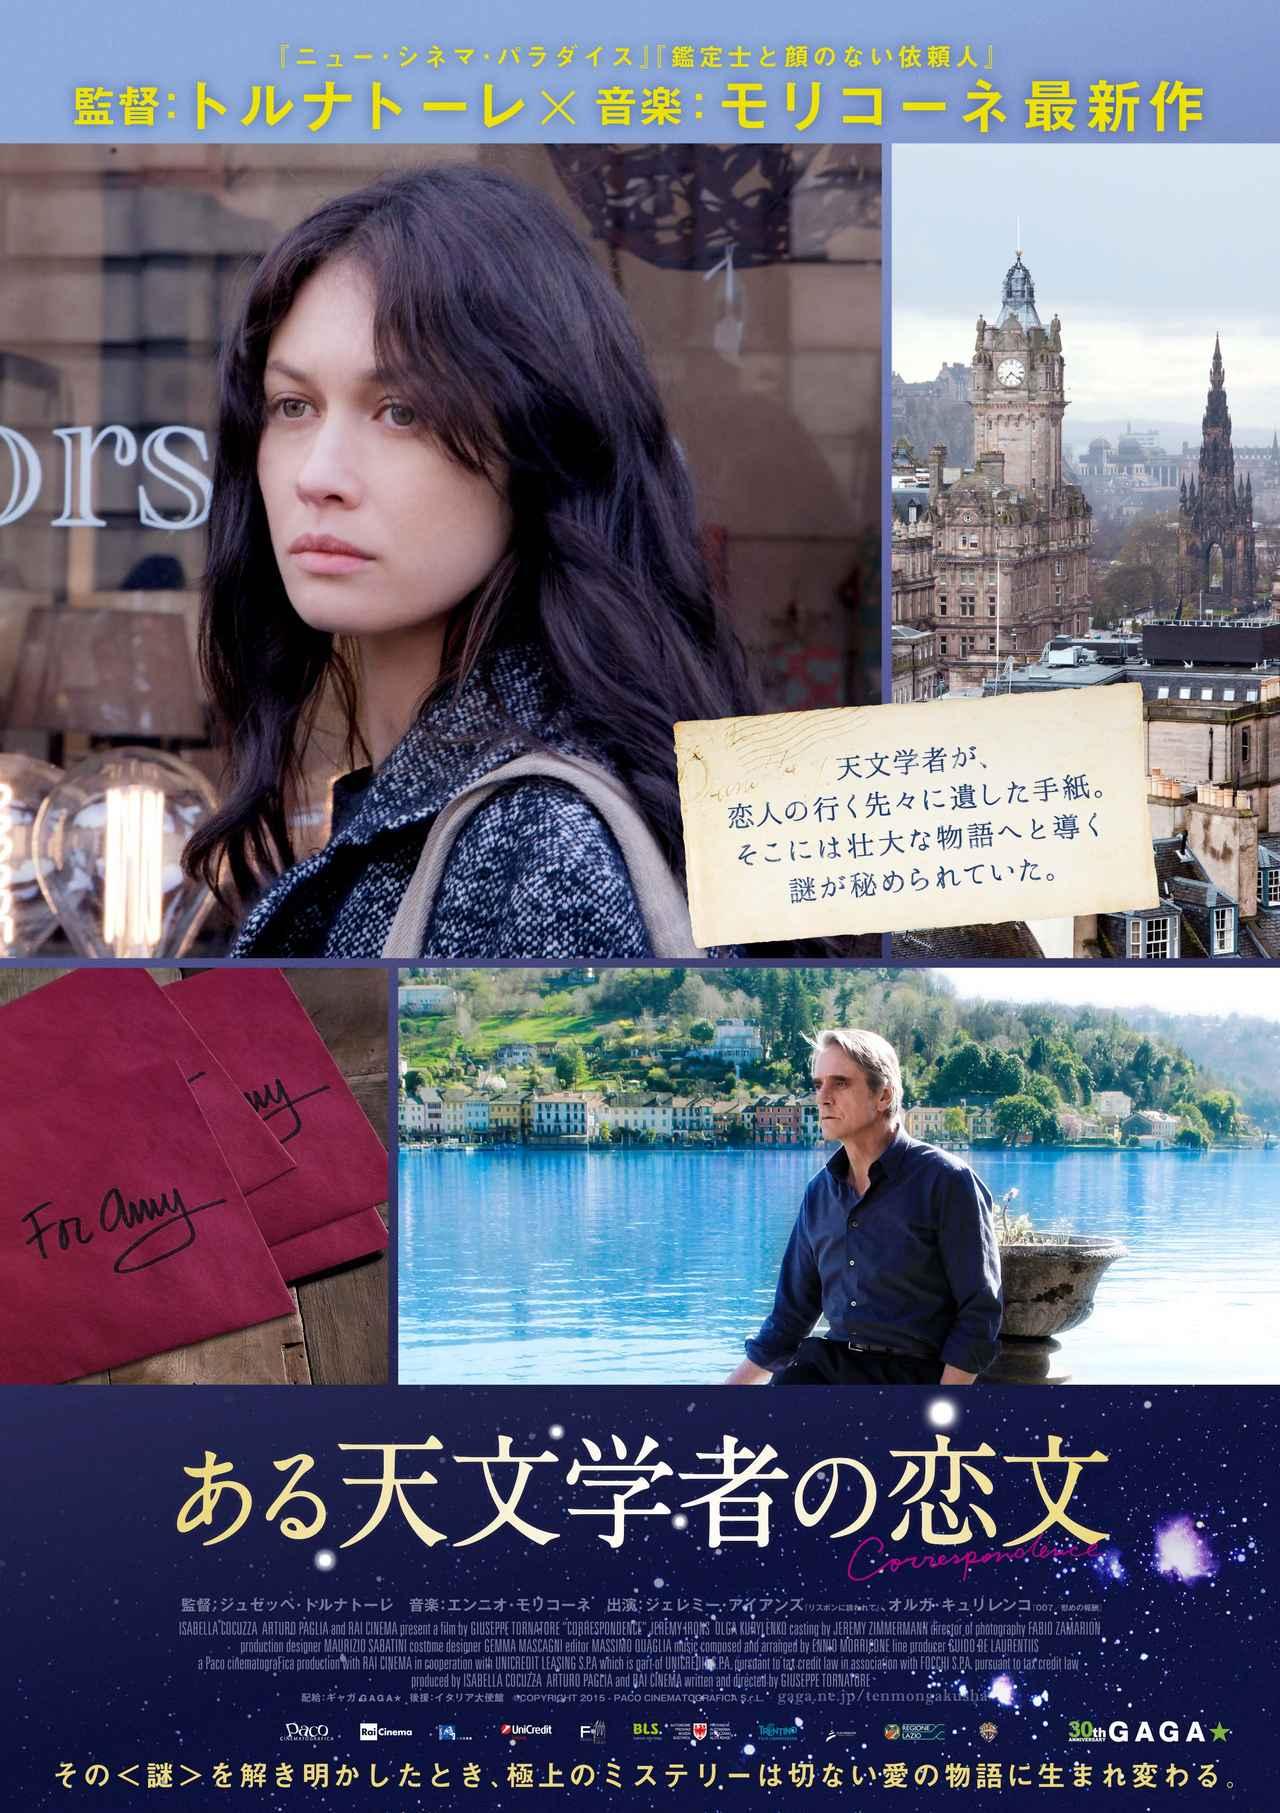 画像1: (C) COPYRIGHT 2015 - PACO CINEMATOGRAFICA S.r.L.